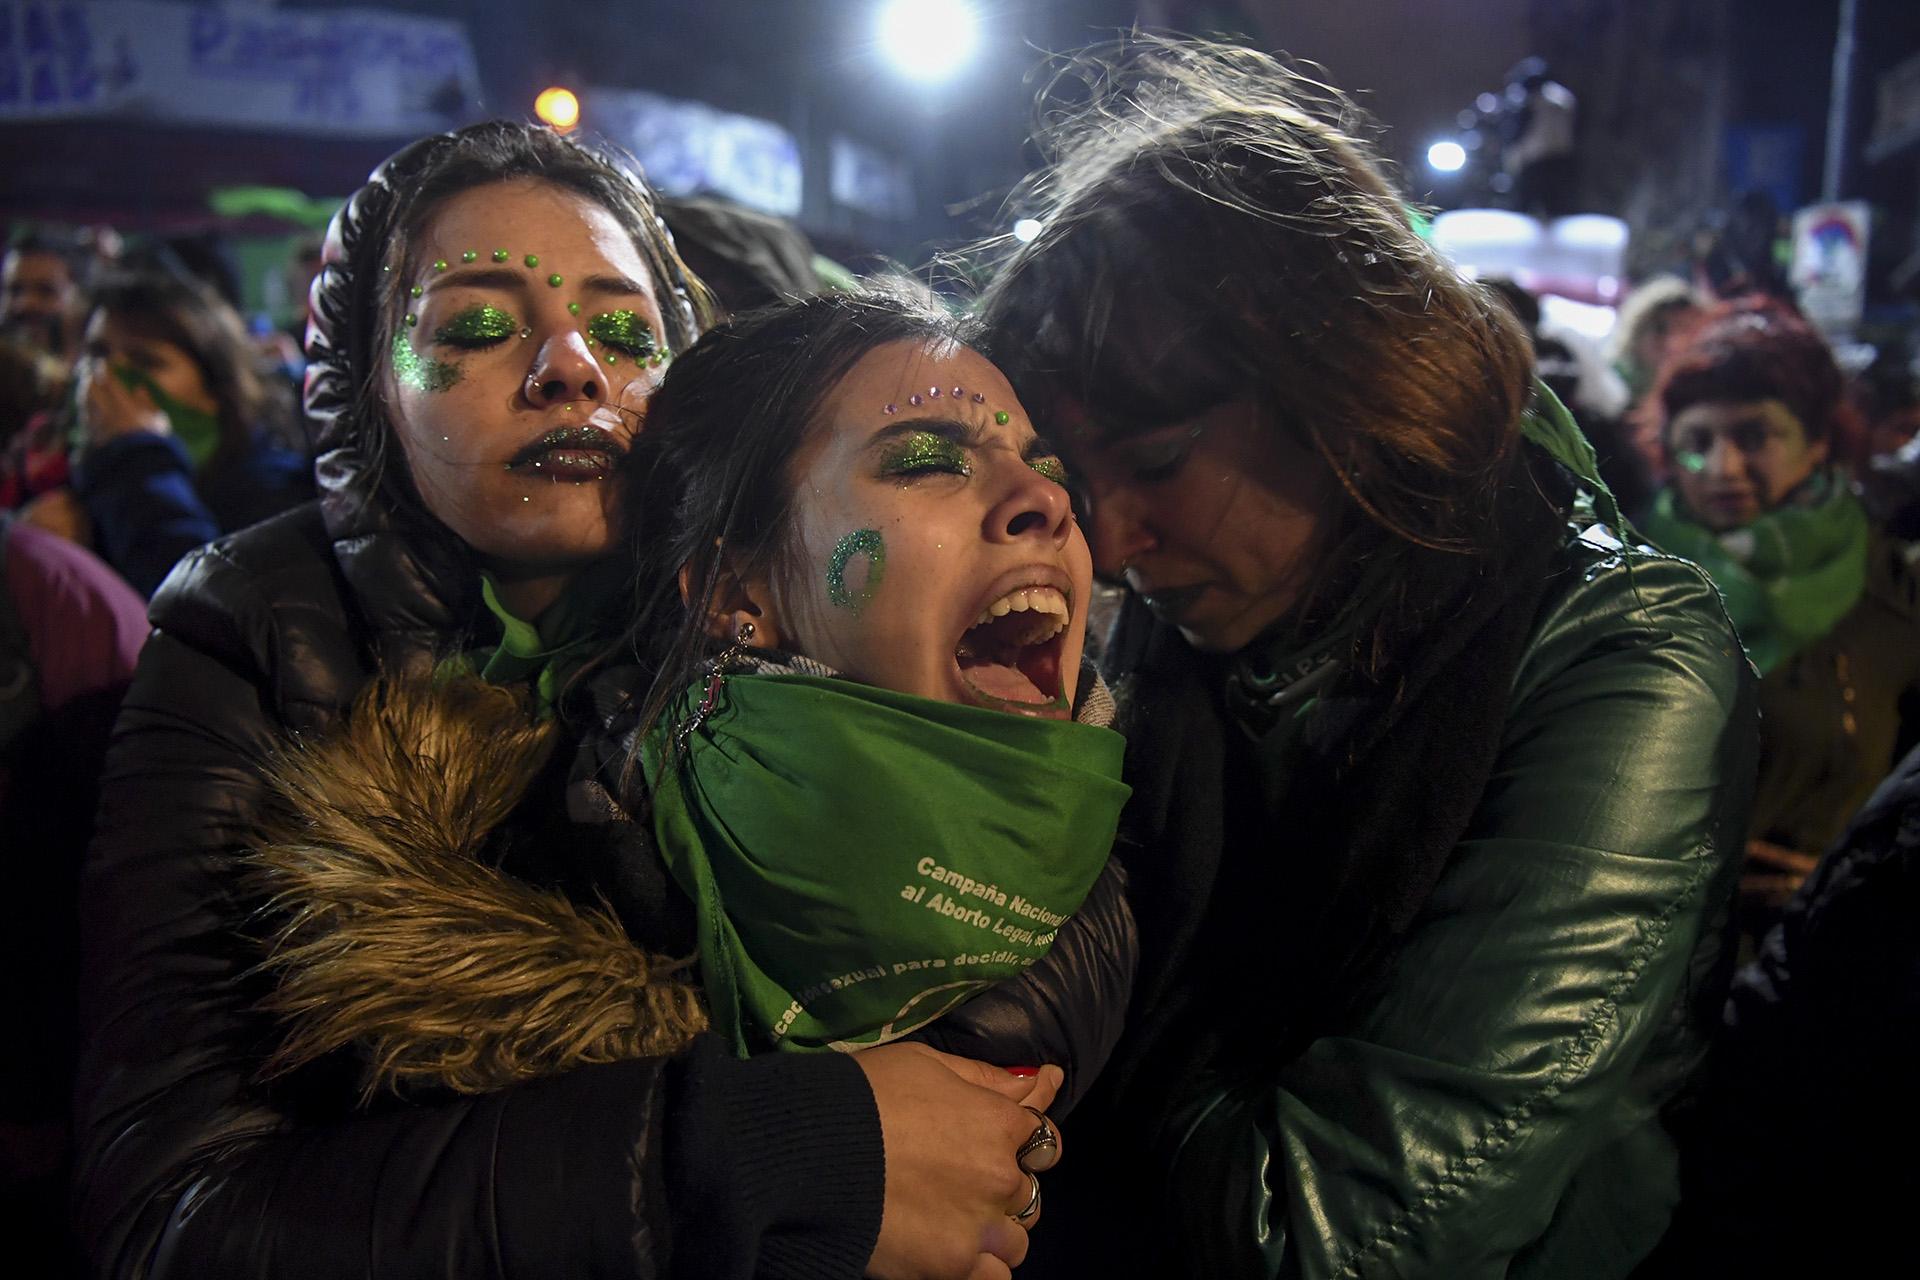 Activistas por la legalización del aborto se lamentan en las inmediaciones del Congreso Nacional, en Buenos Aires, luego de que el Senado rechazara la iniciativa, el 9 de agosto (EITAN ABRAMOVICH / AFP)